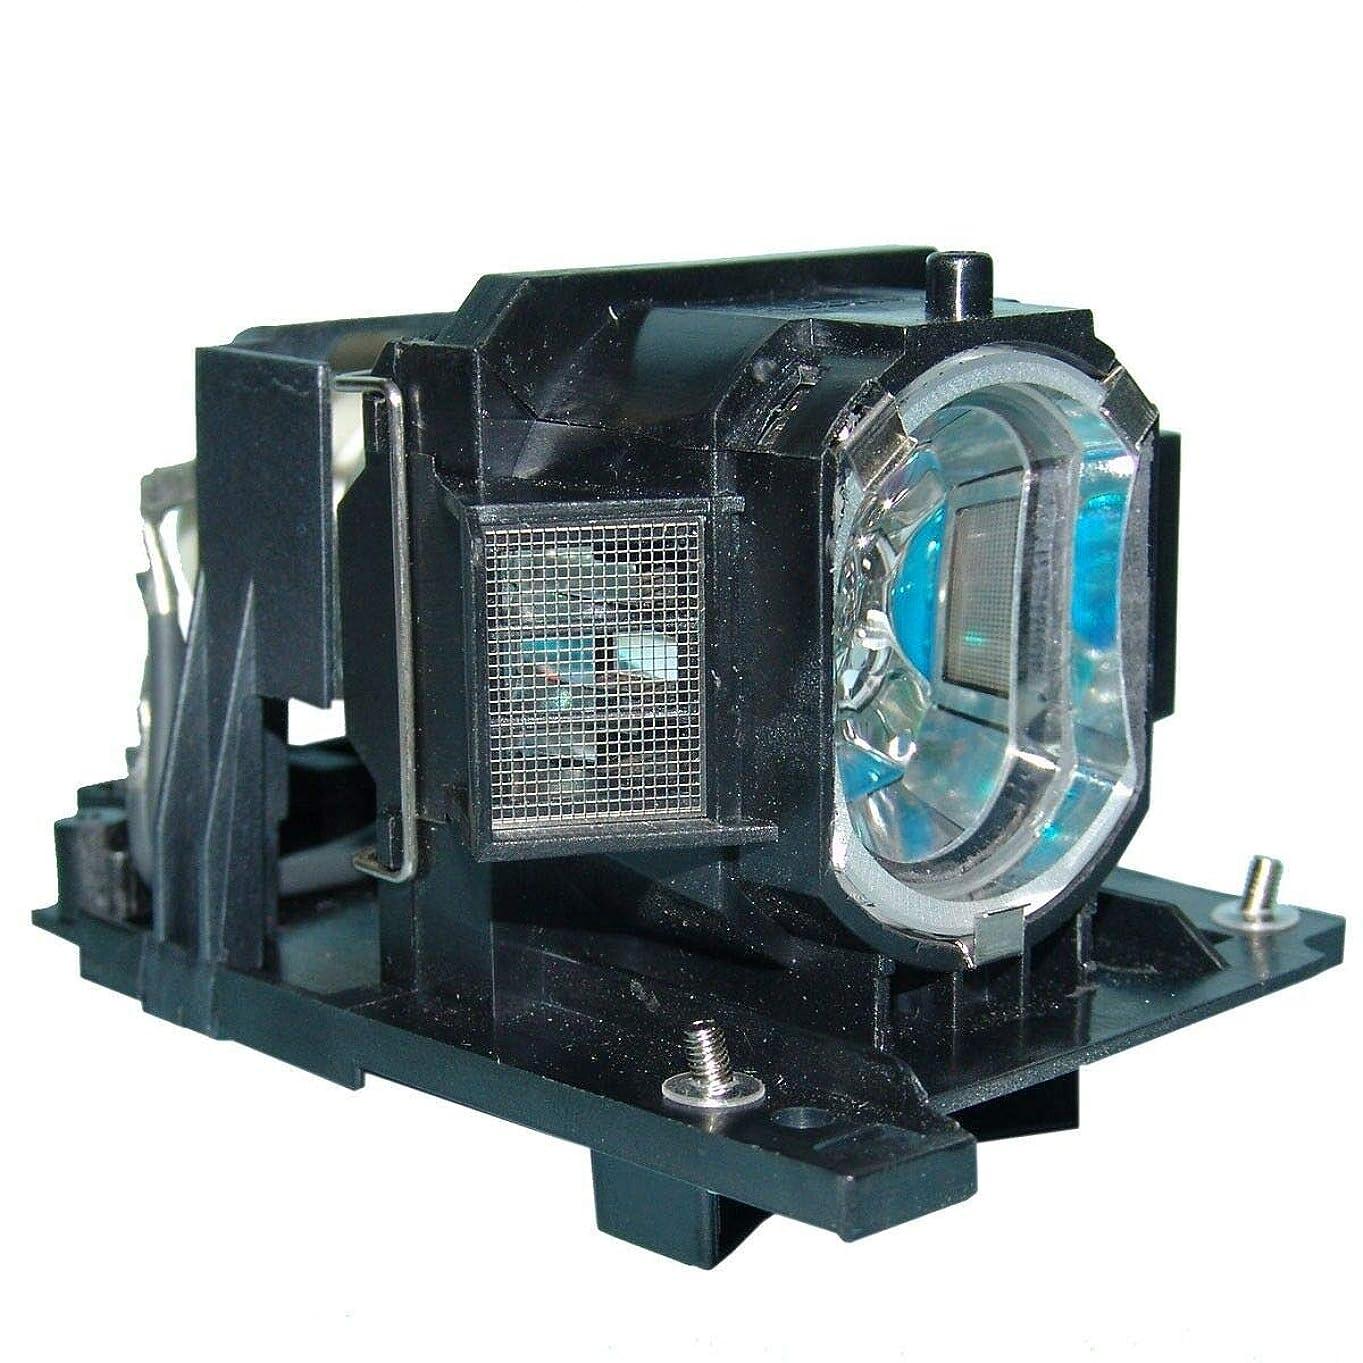 とても値下げ誤CTLAMP RLC-063 交換用ランプ電球 ハウジング付き VIEWSONIC Pro9500